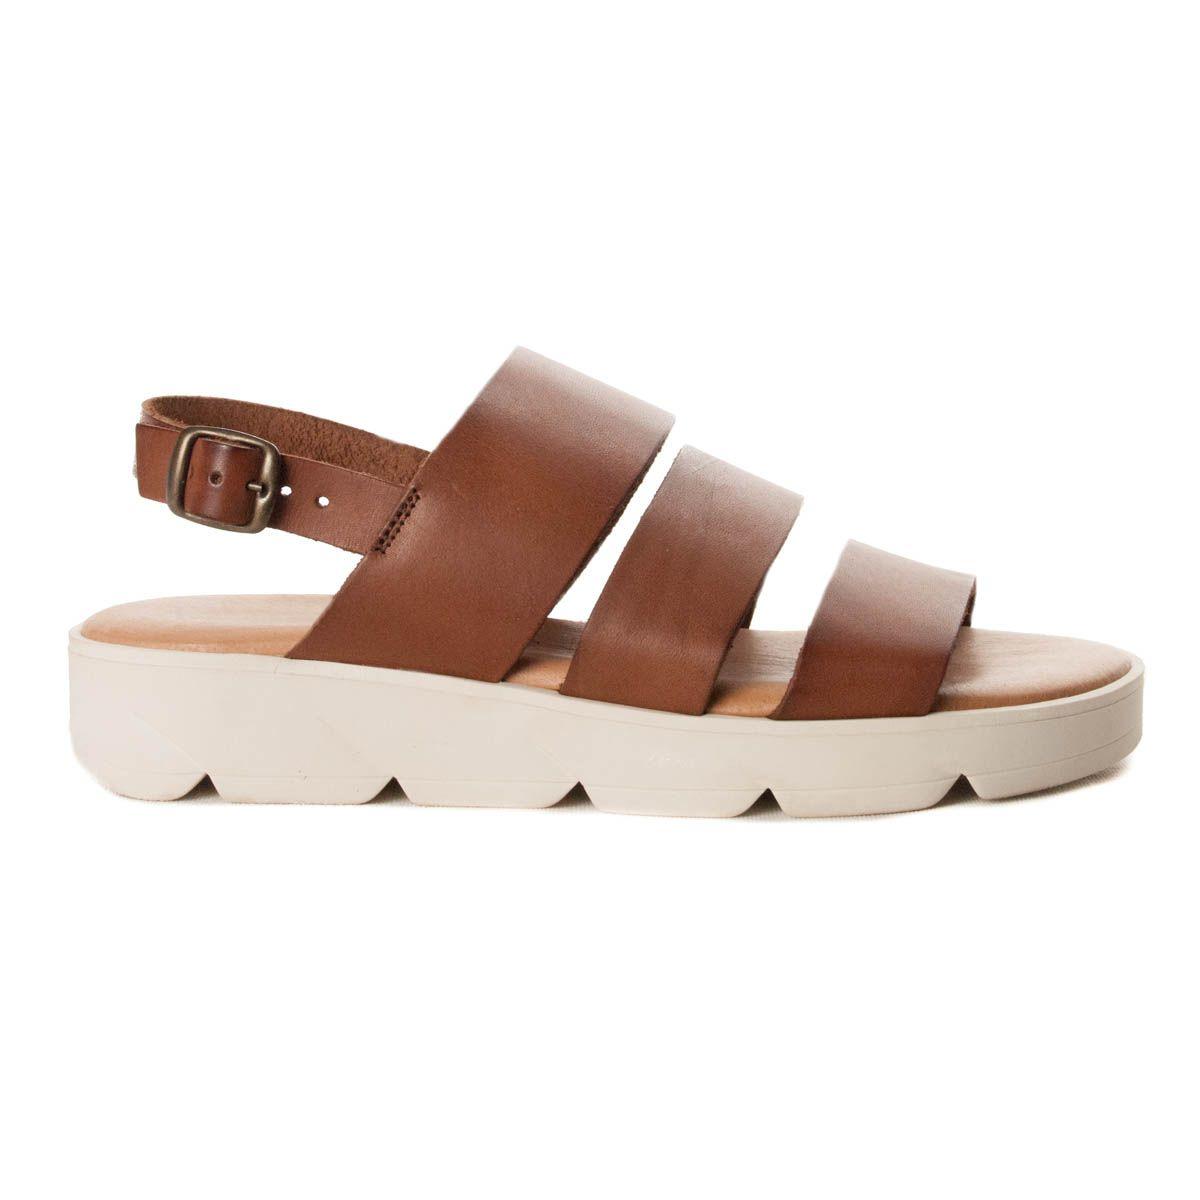 Montevita Wedge Sandal in Brown